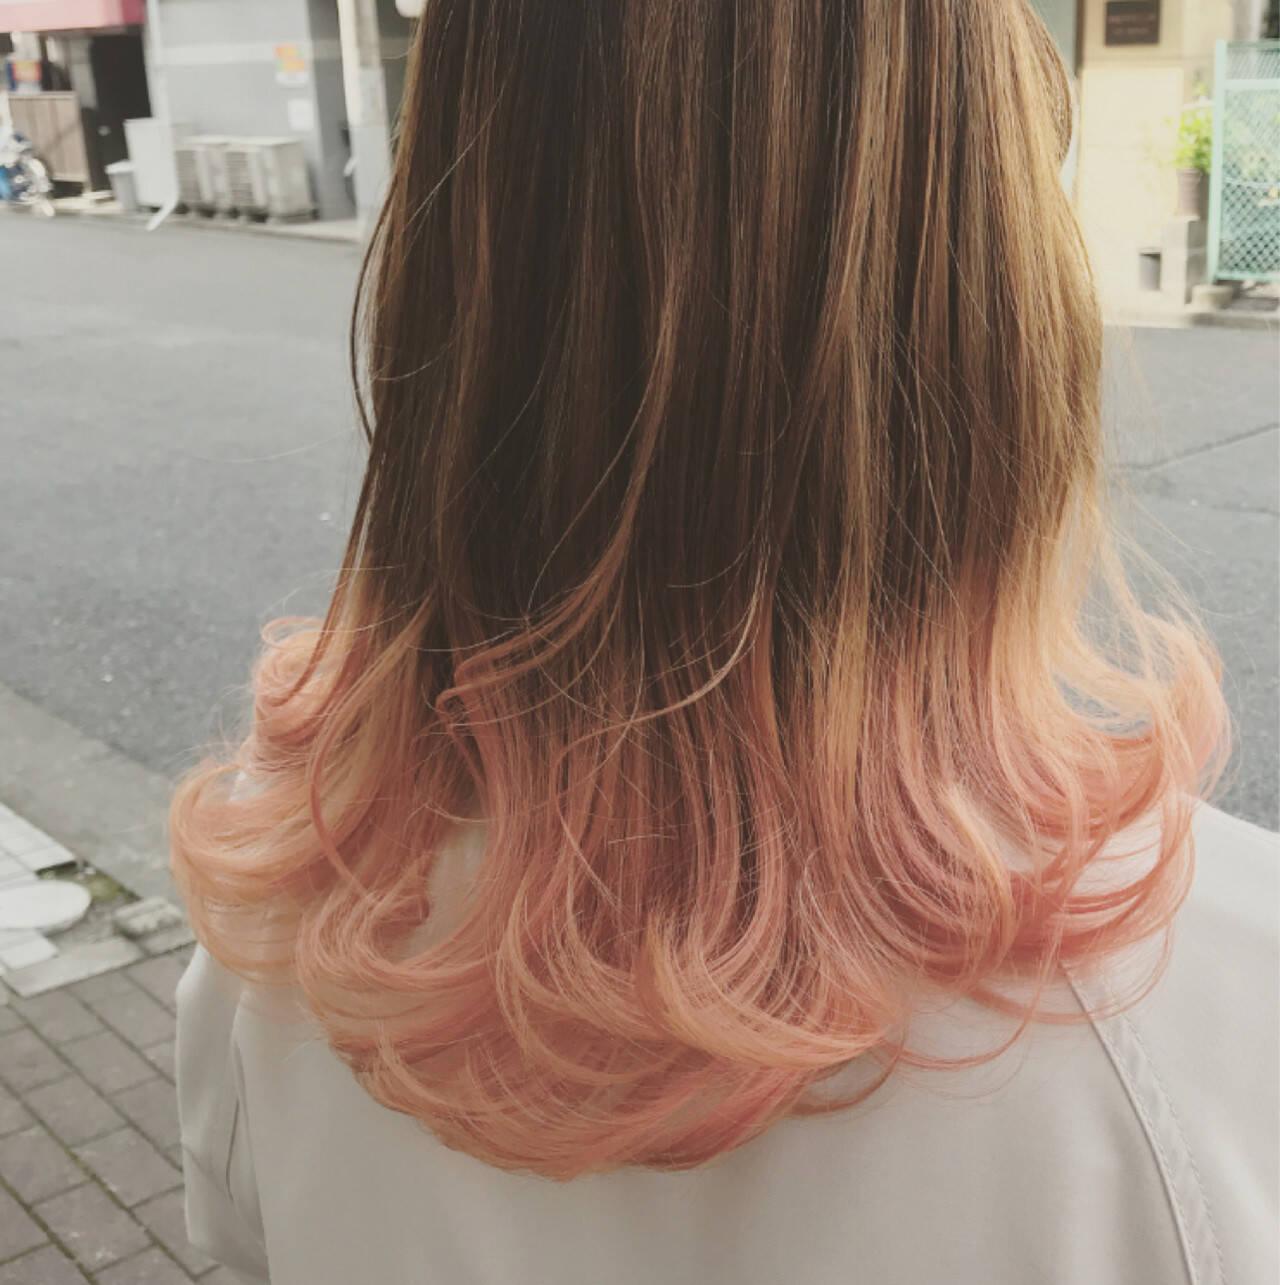 ピンク ロブ ミディアム ウェーブヘアスタイルや髪型の写真・画像